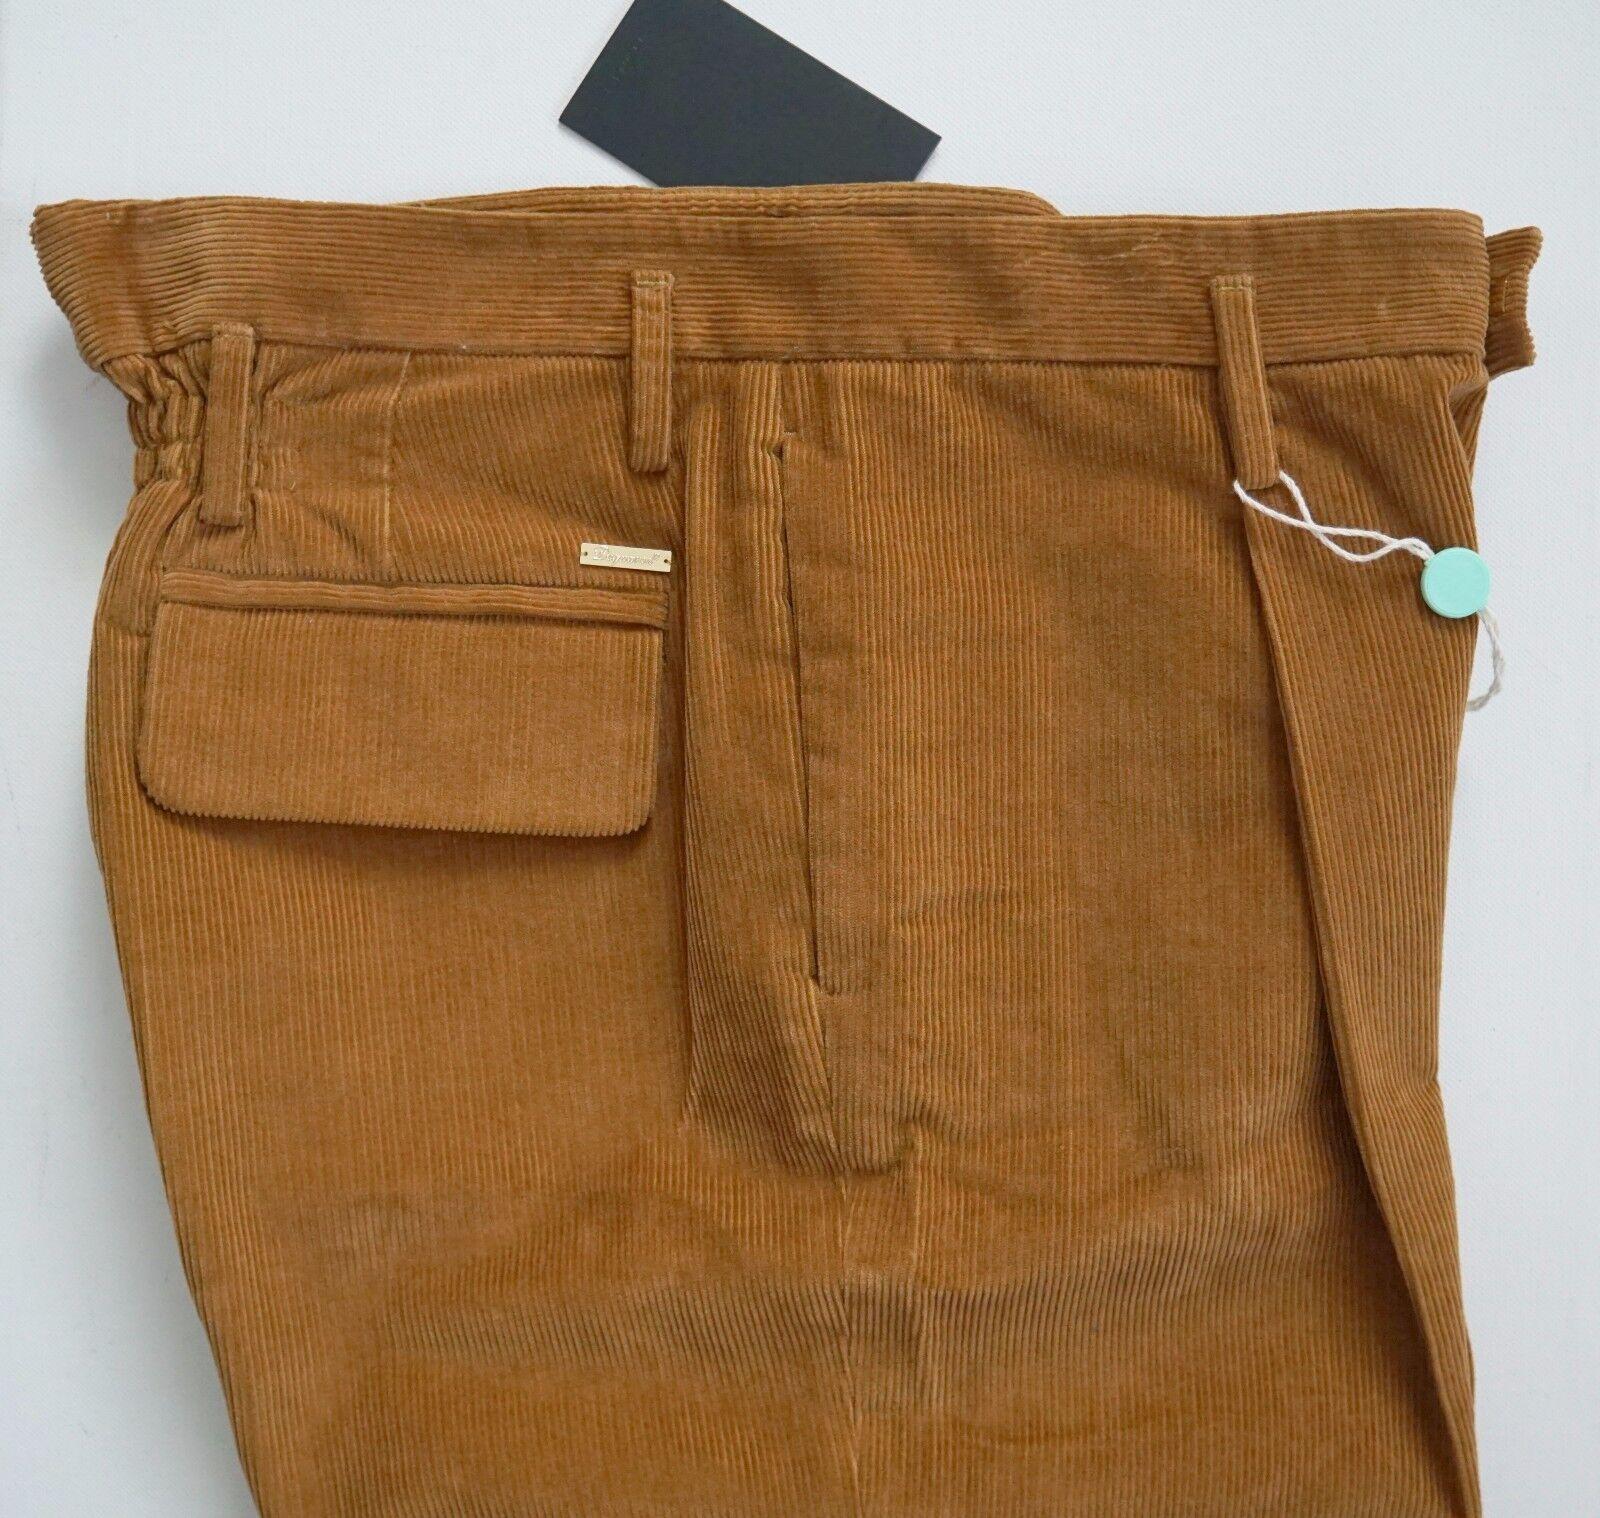 565 DSQUARED2 100% Cotton CORDUROY High-Waist Wide Leg Pants EU-42 US-30